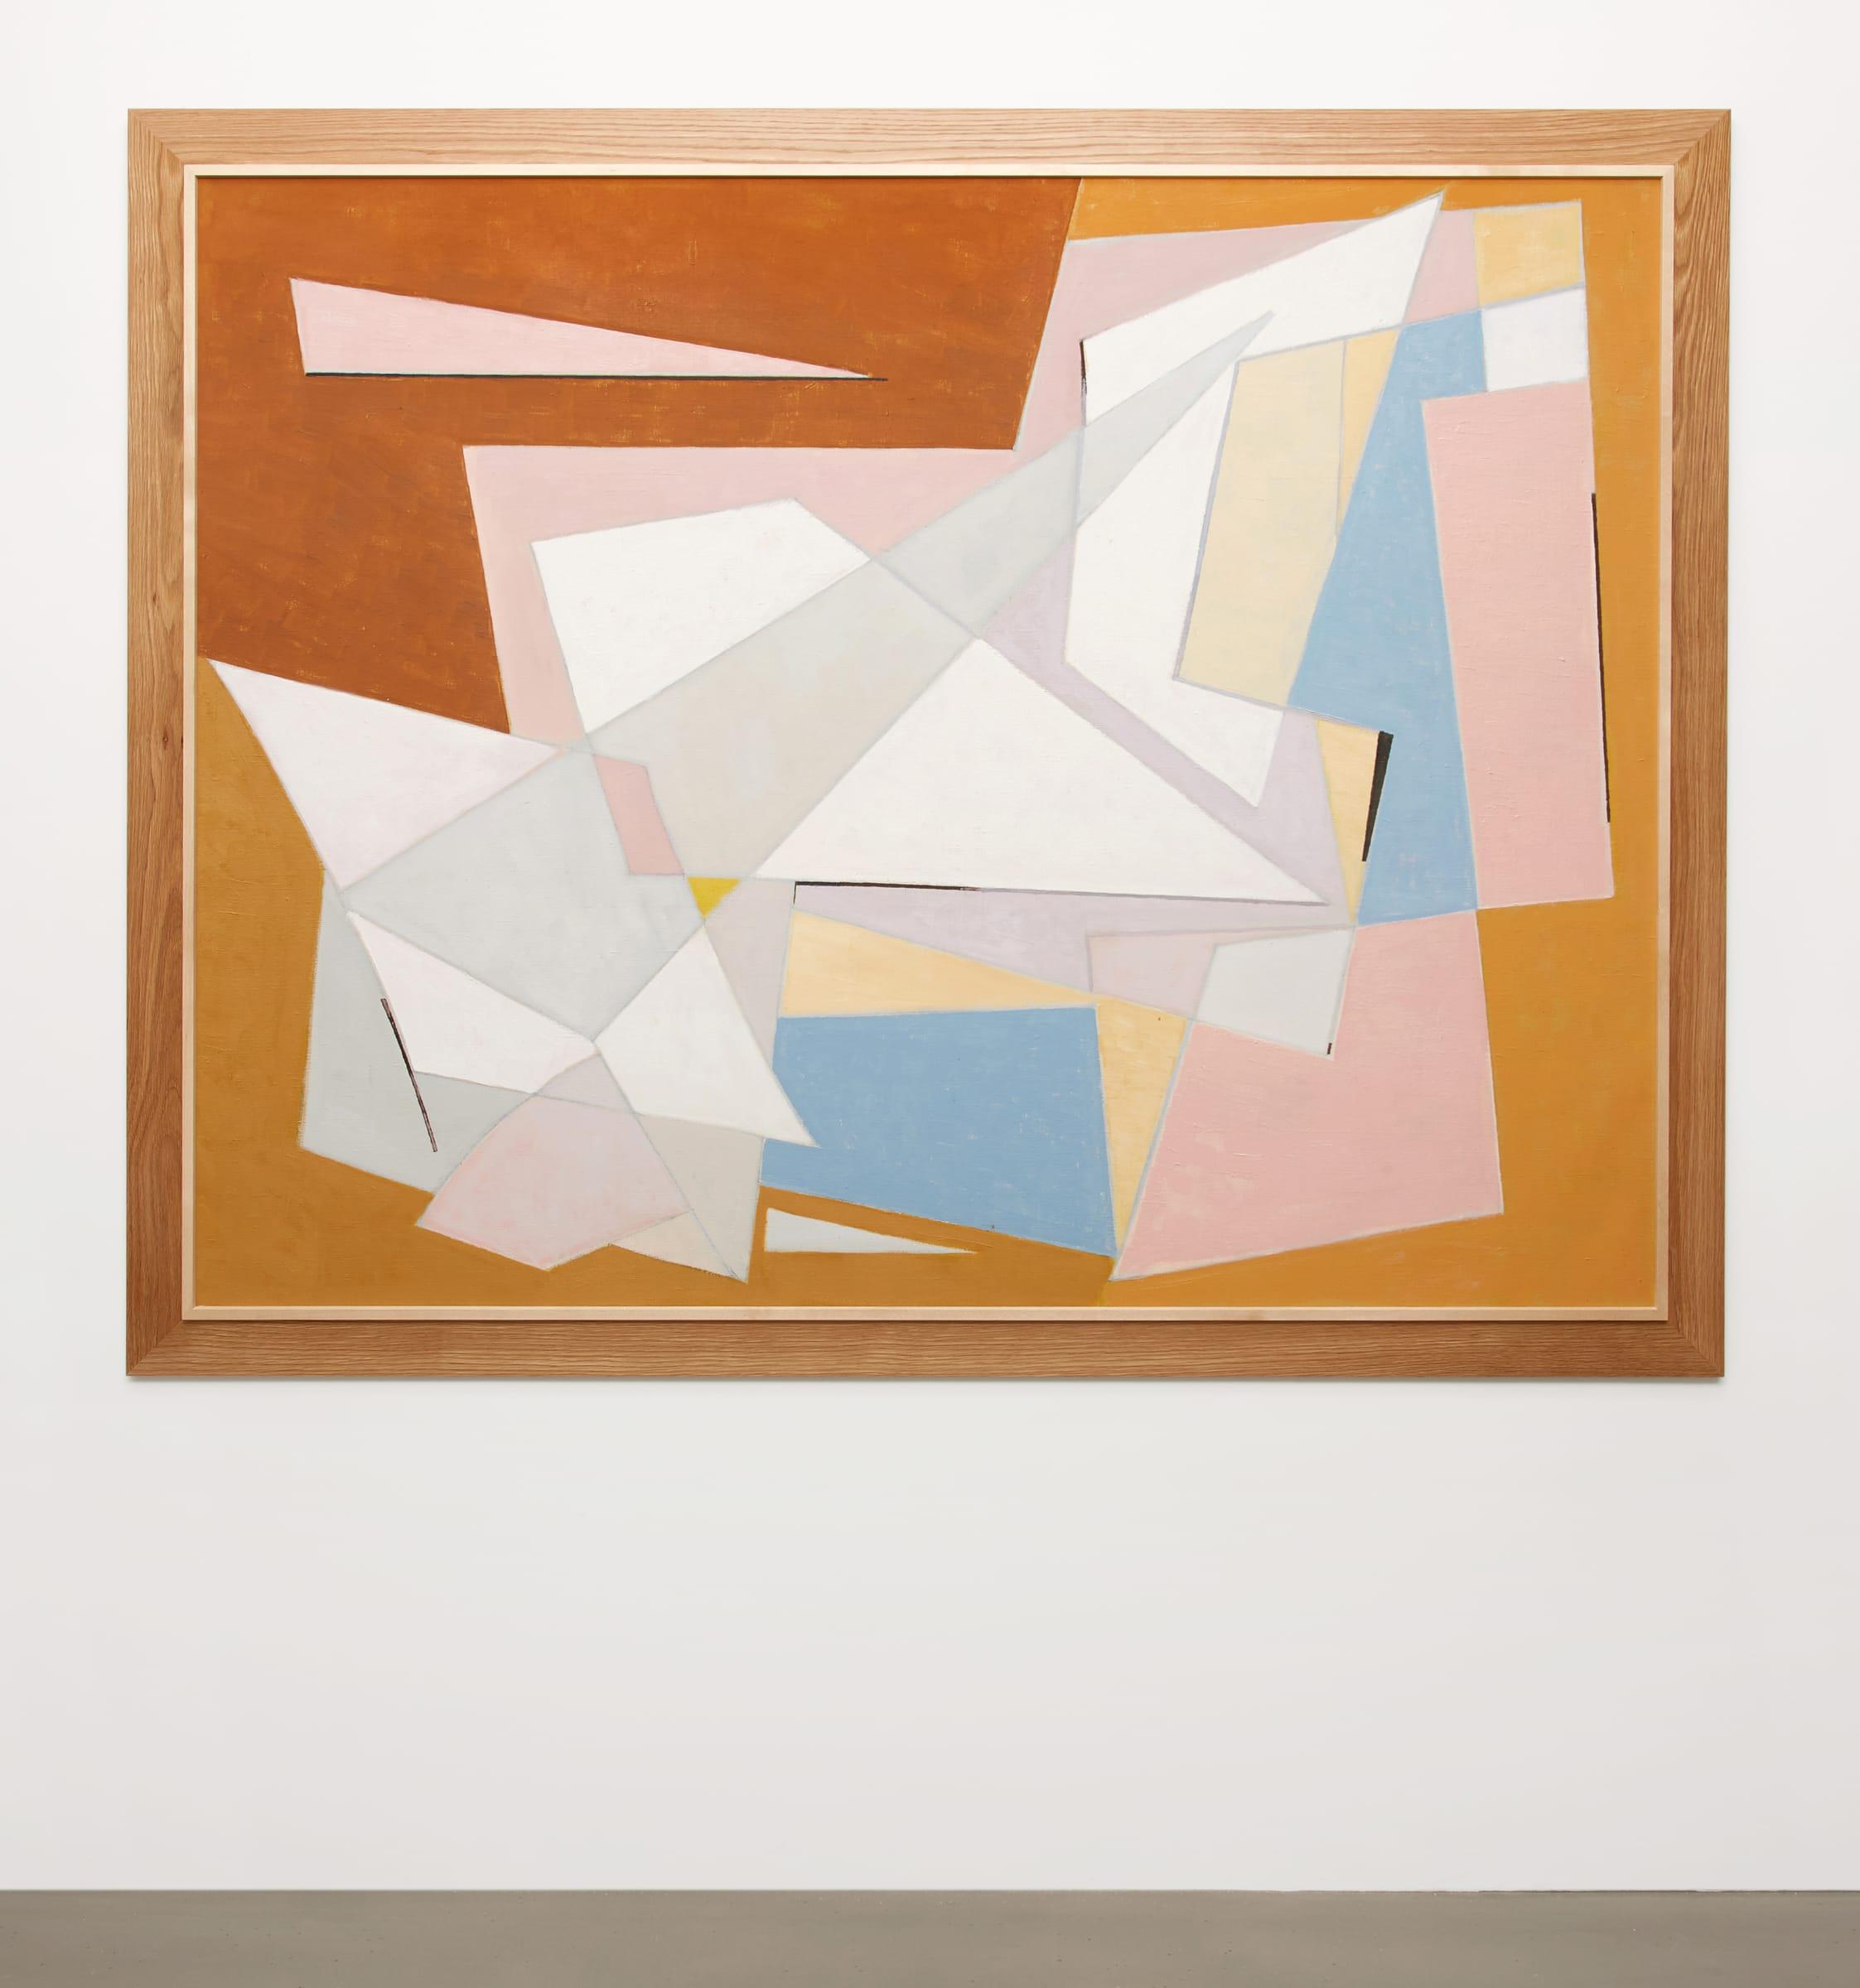 """<span class=""""link fancybox-details-link""""><a href=""""/exhibitions/163/works/artworks14968/"""">View Detail Page</a></span><div class=""""artist""""><strong>Þorvaldur Skúlason</strong></div> 1906-1984<div class=""""title"""">Untitled, 1961-1962</div><div class=""""medium"""">oil on canvas</div><div class=""""dimensions"""">120 x 150 cm</div>"""